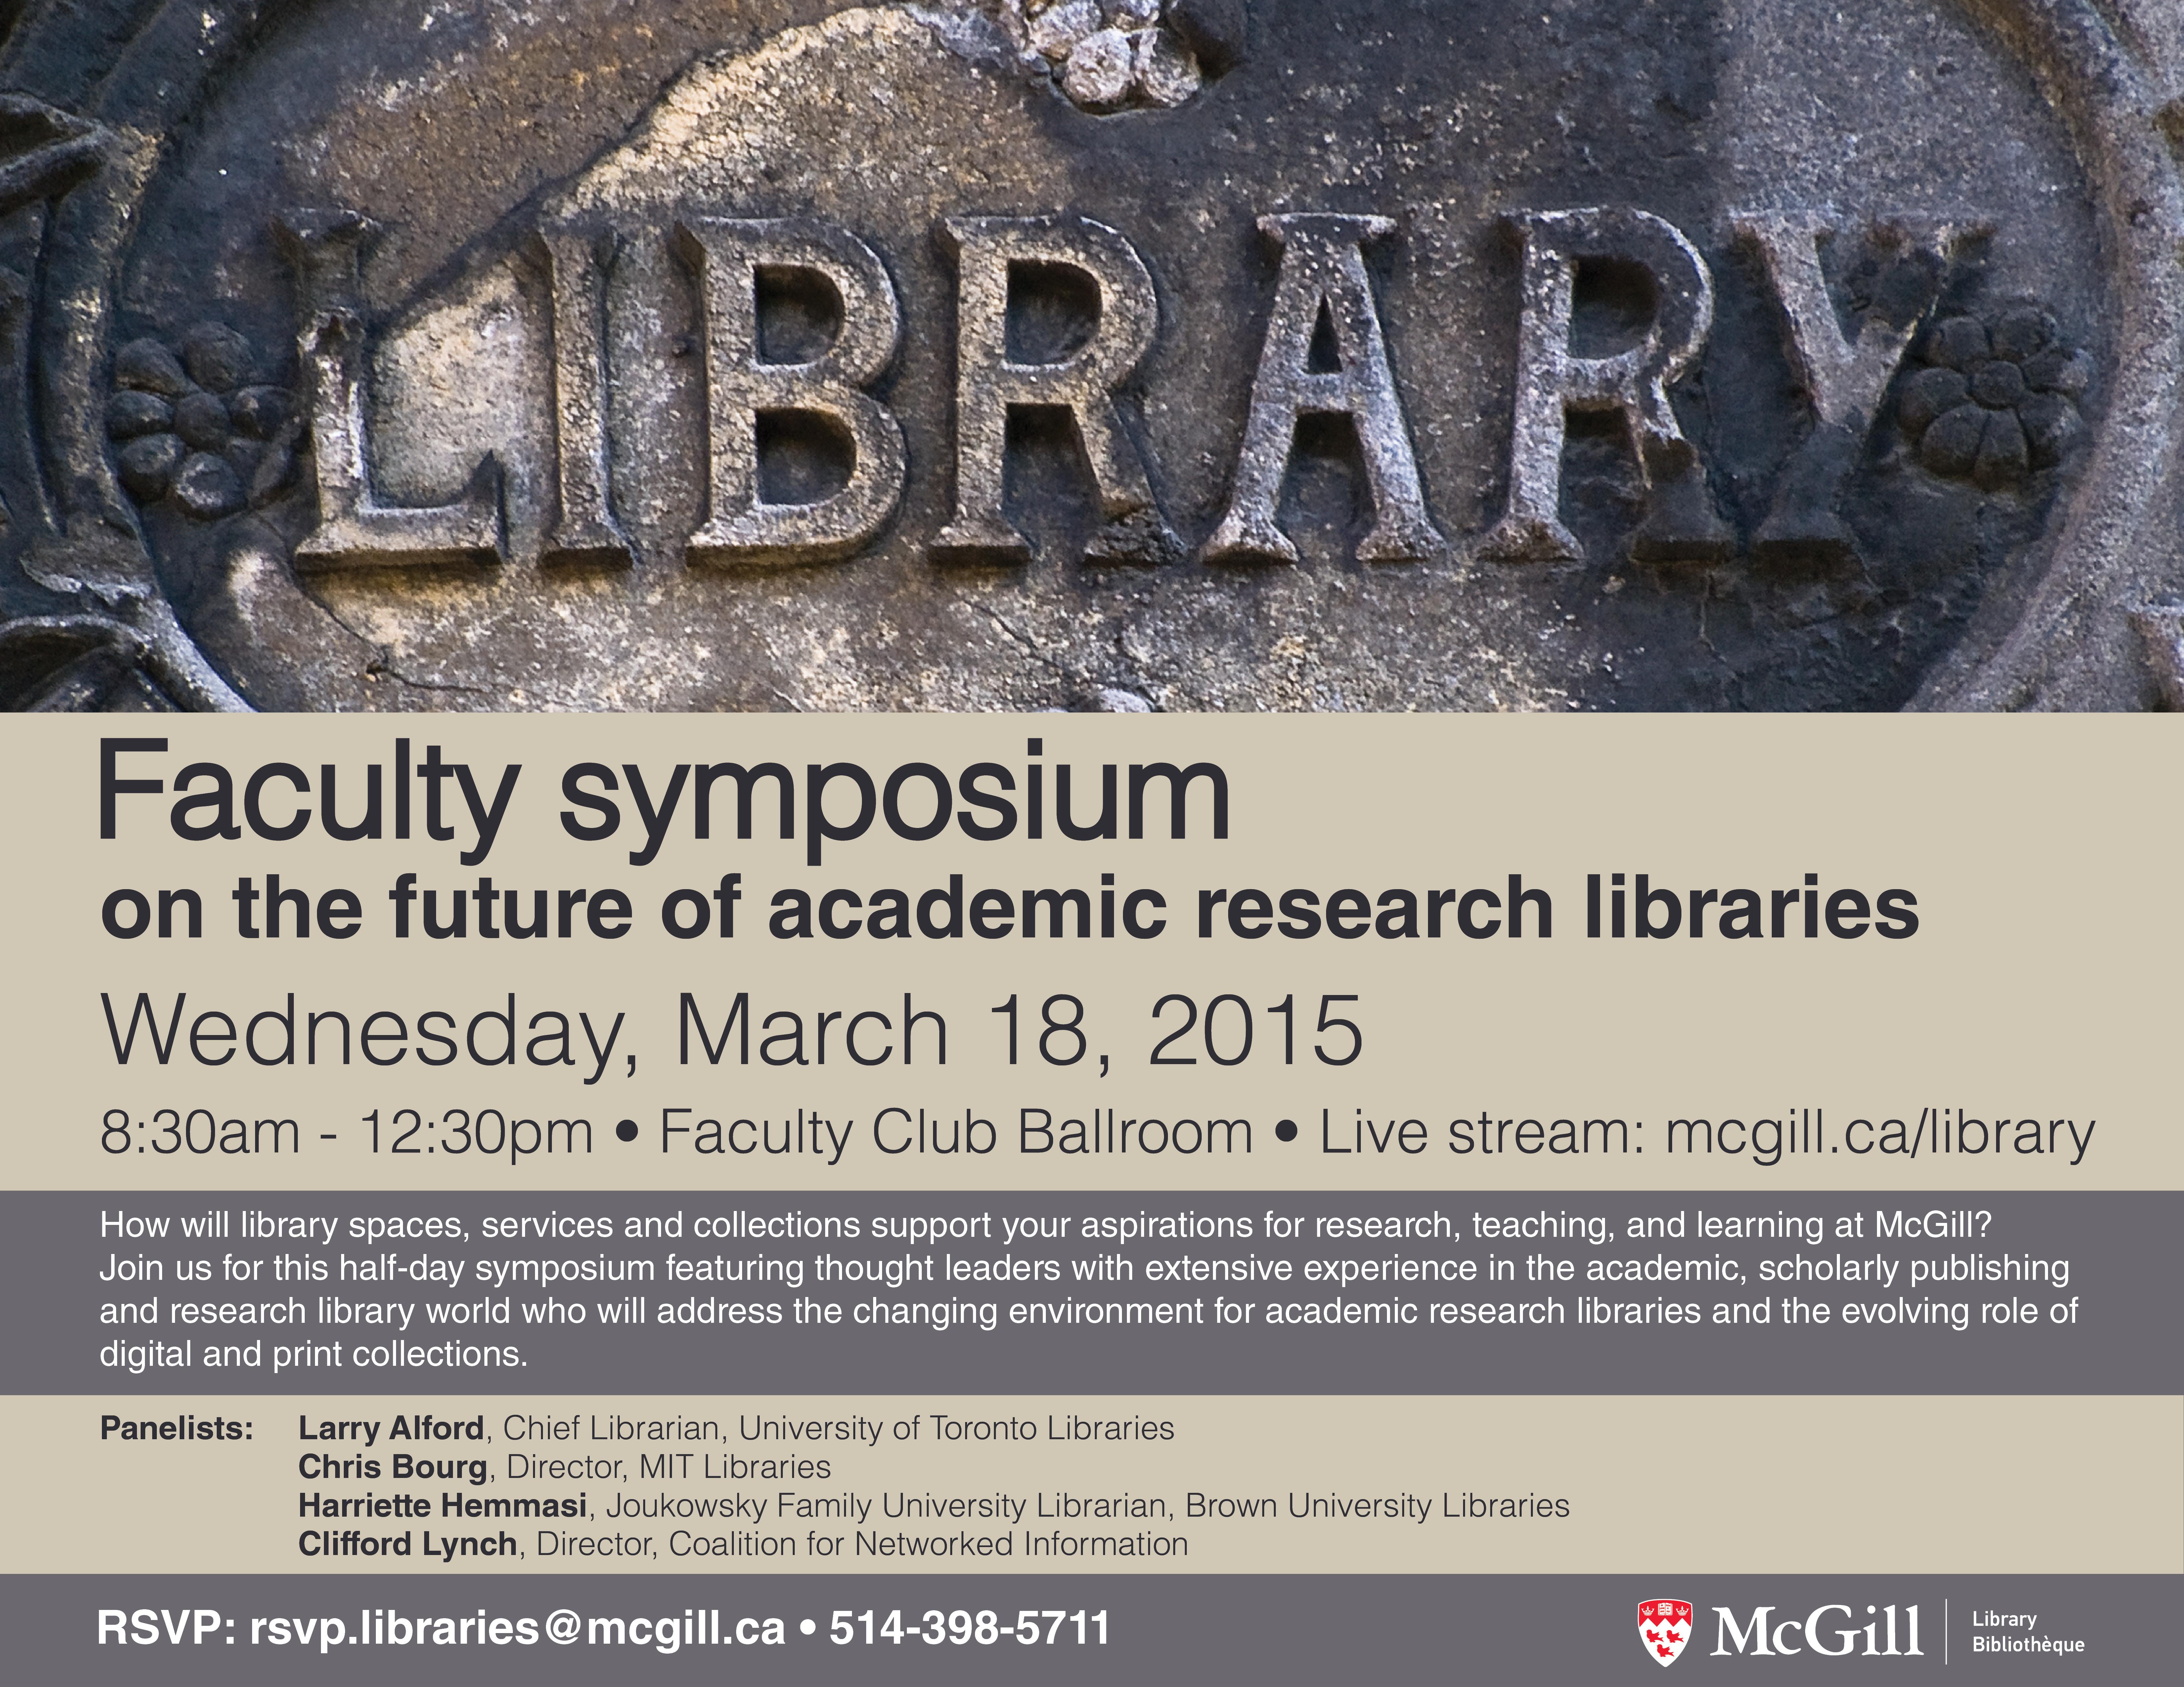 E-vite_Final_Faculty Symposium_March2014